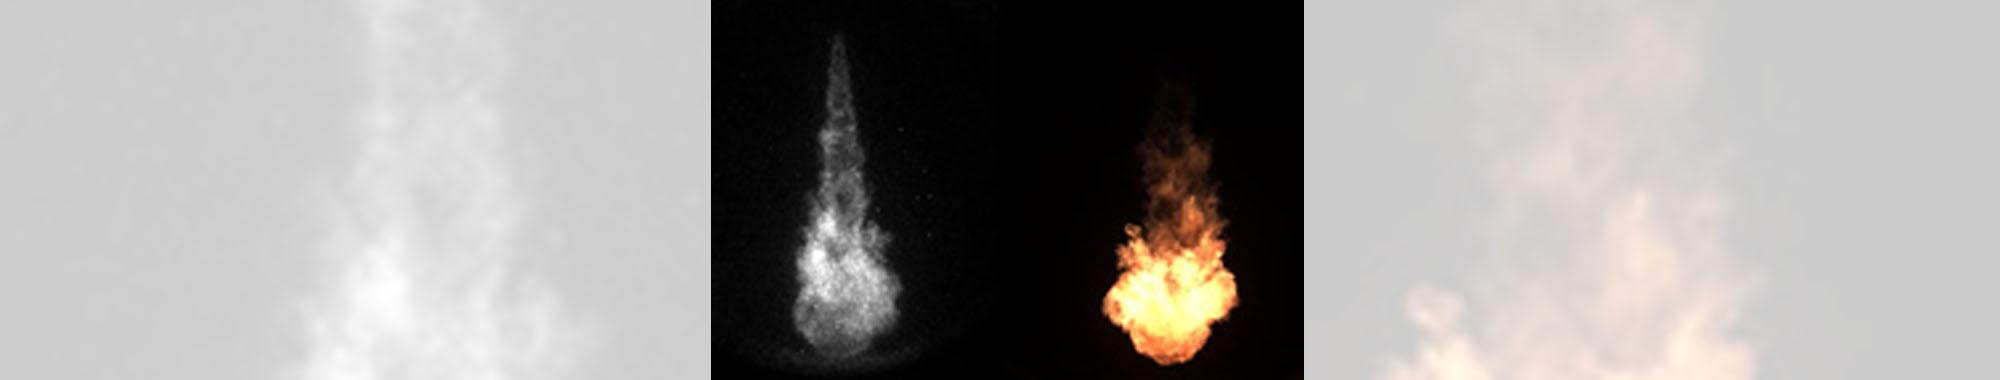 ガソリンエンジンの燃焼-燃焼火炎とOH発光の観察